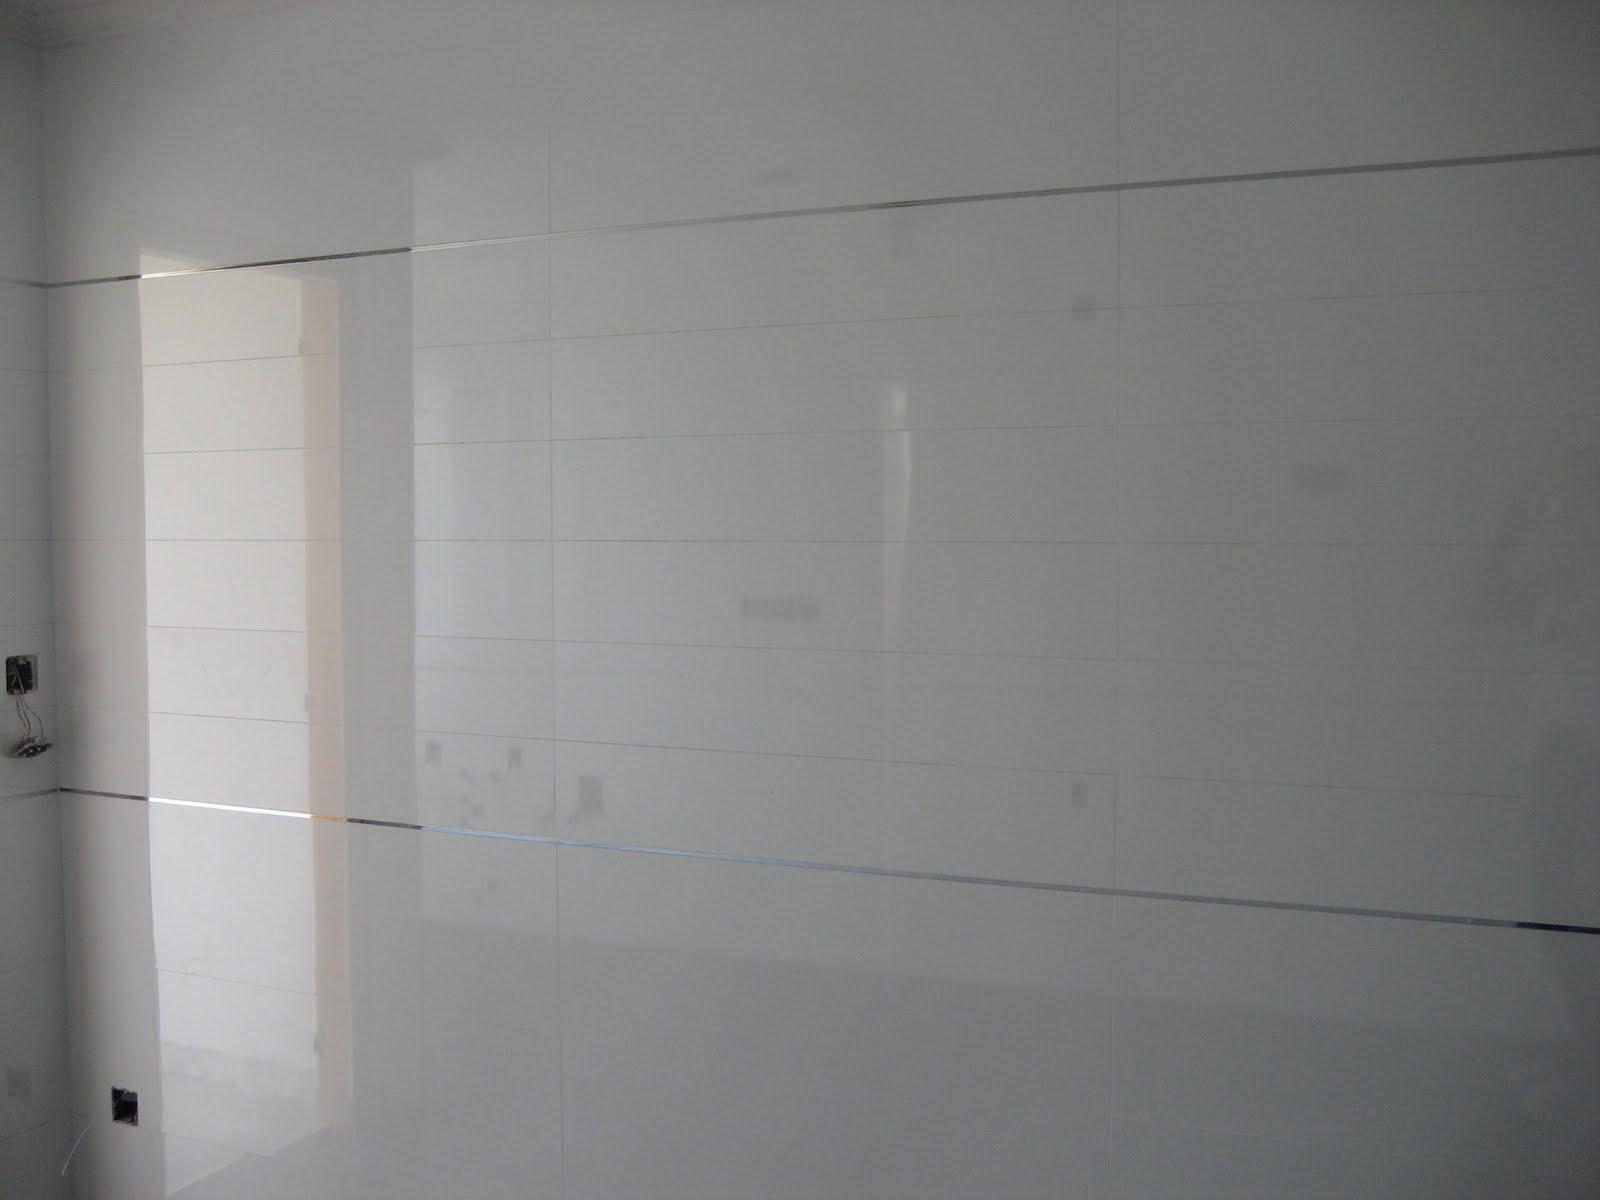 Alicatados y solados azulejo rectificado - Azulejos rectificados cocina ...